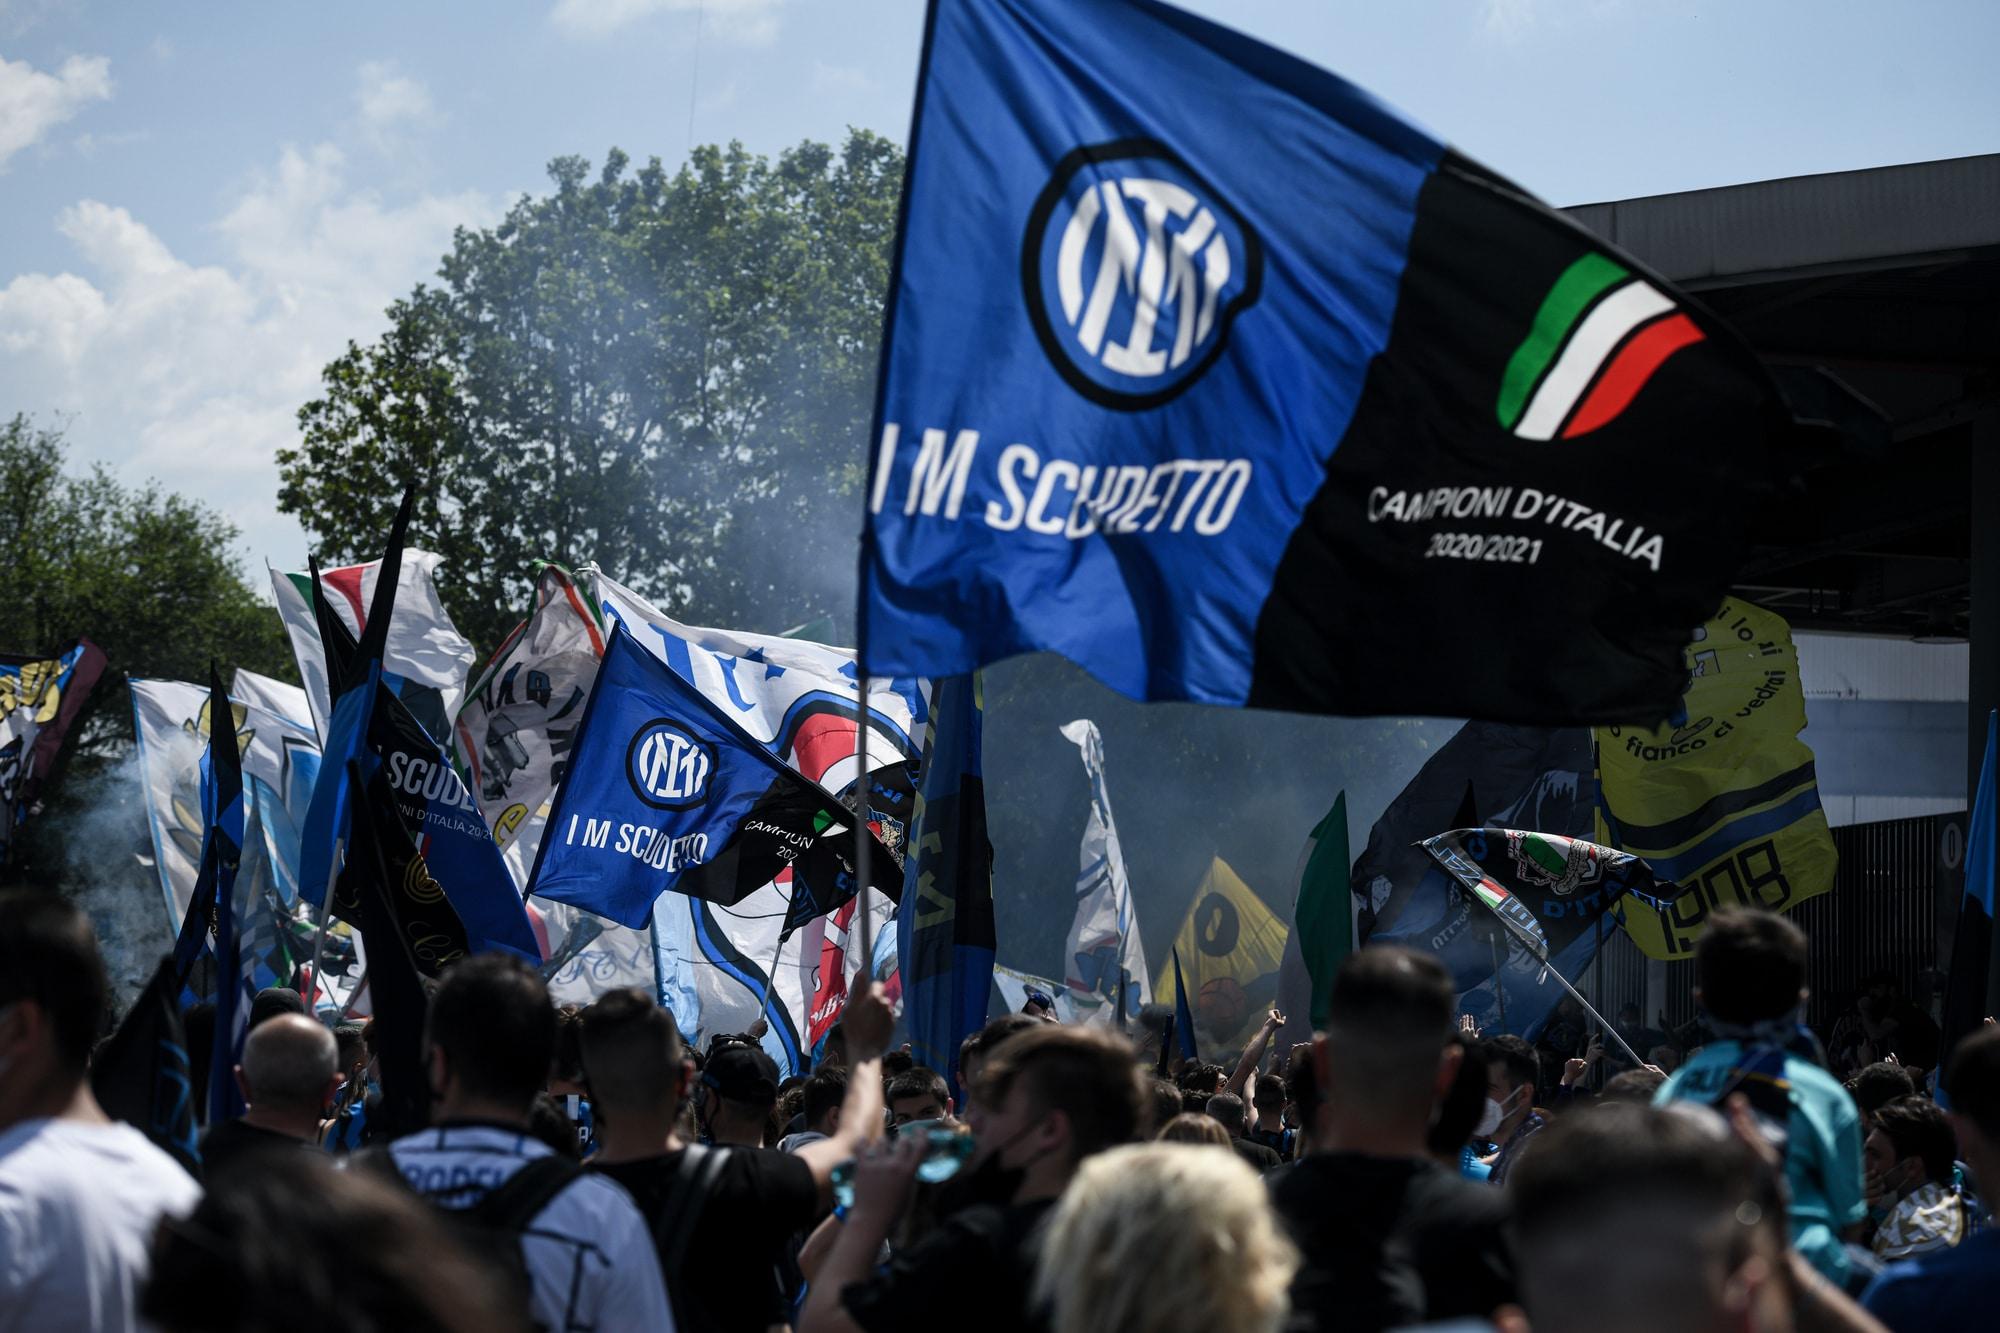 151314960 db08d62f 8997 4b03 8ff7 217f933dc0a5 - Inter, tifosi in delirio: in migliaia a San Siro per salutare la squadra